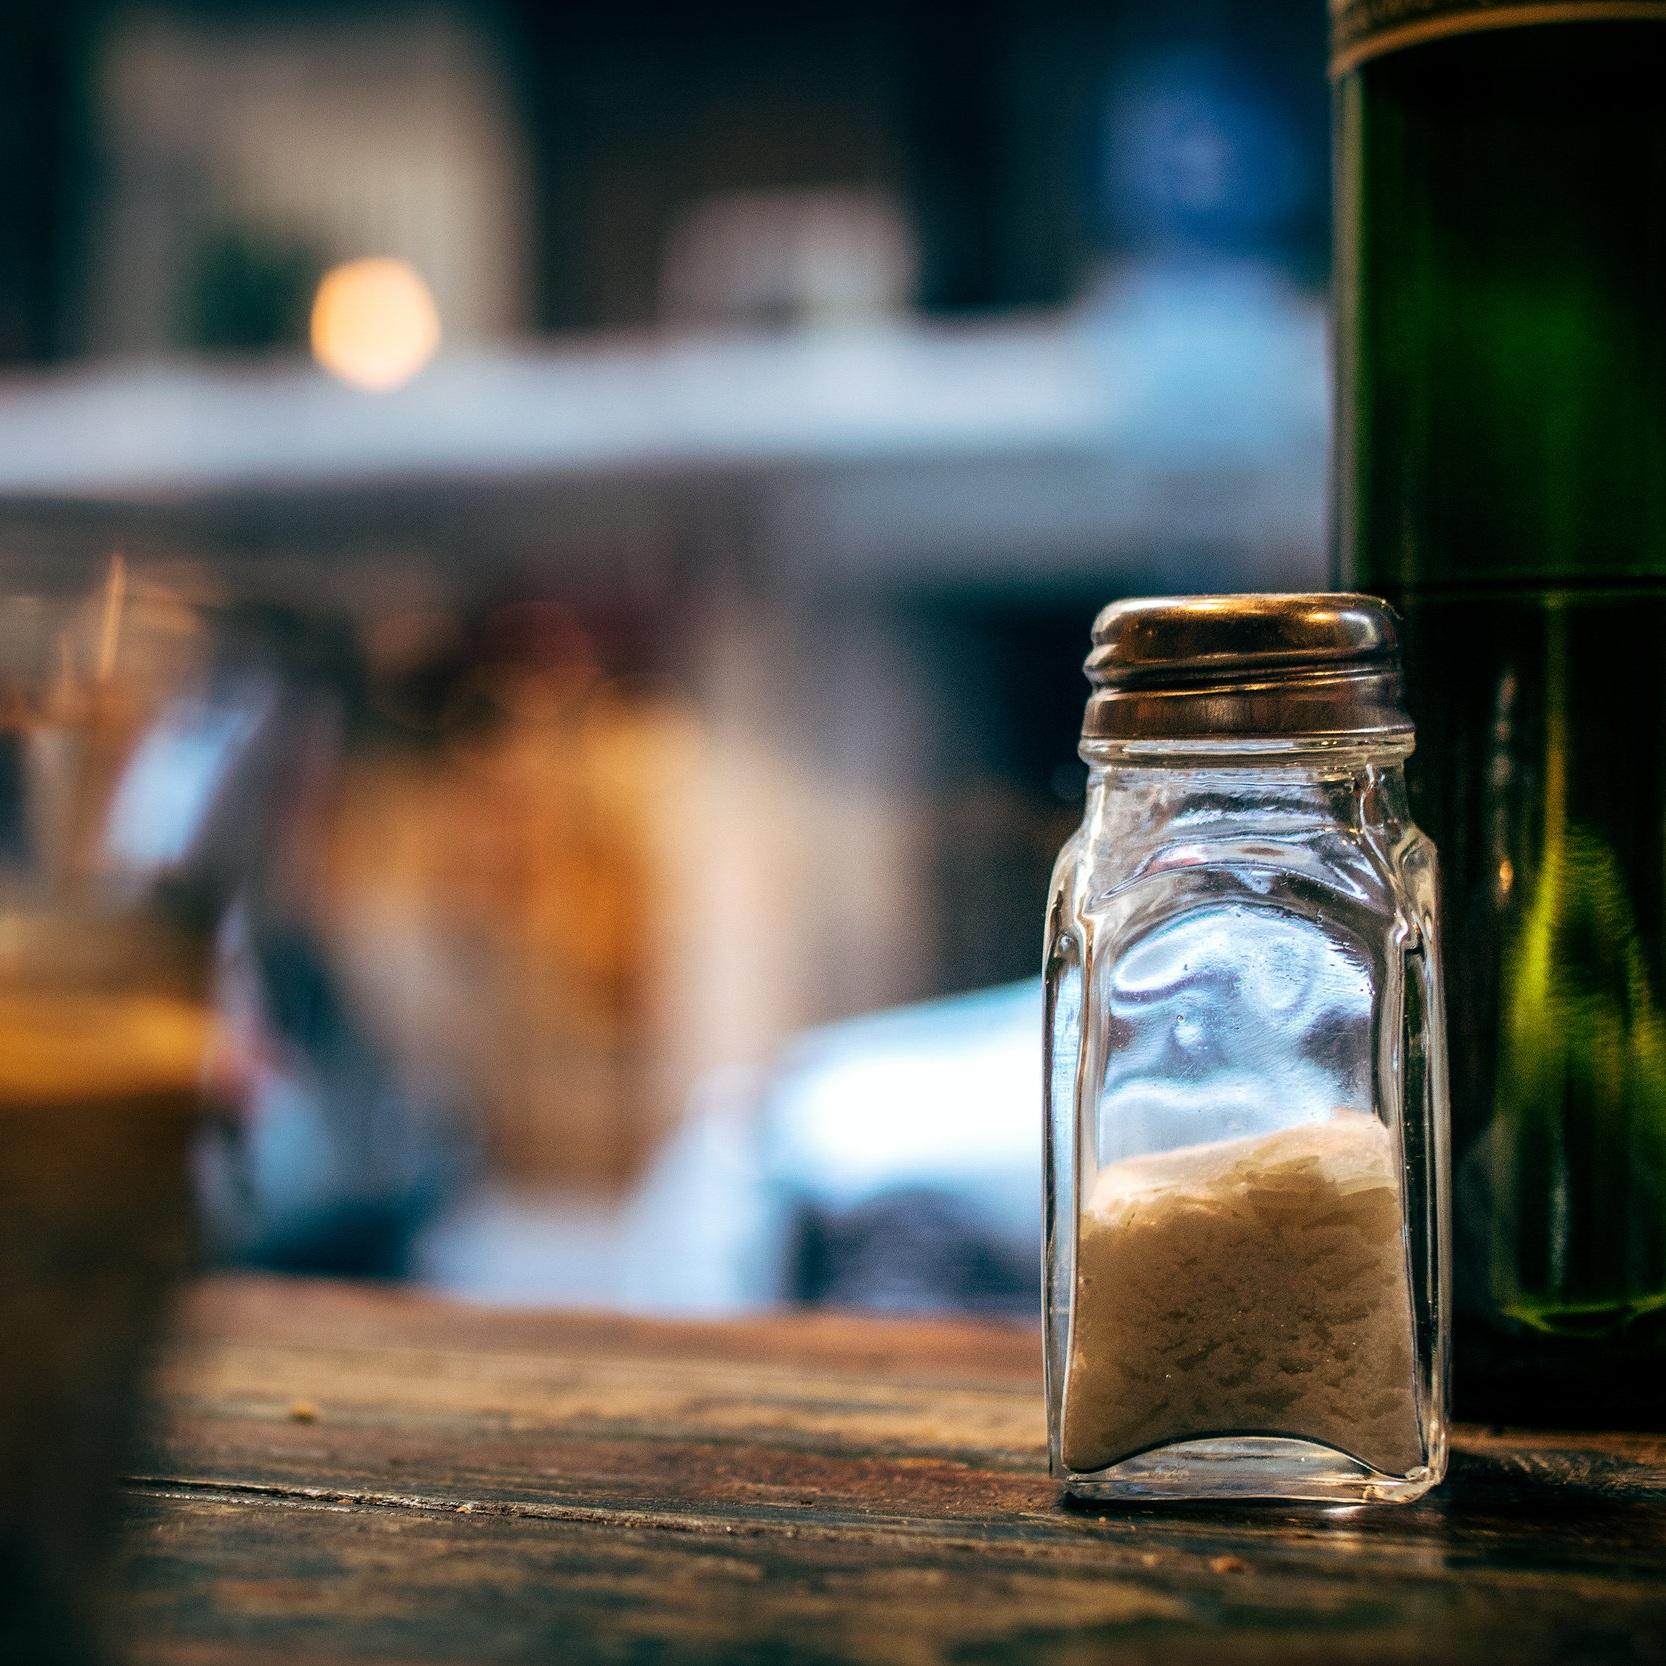 塩 - 塩は体細胞の吸水性を高めるので、塩を減らしたほうが良い。